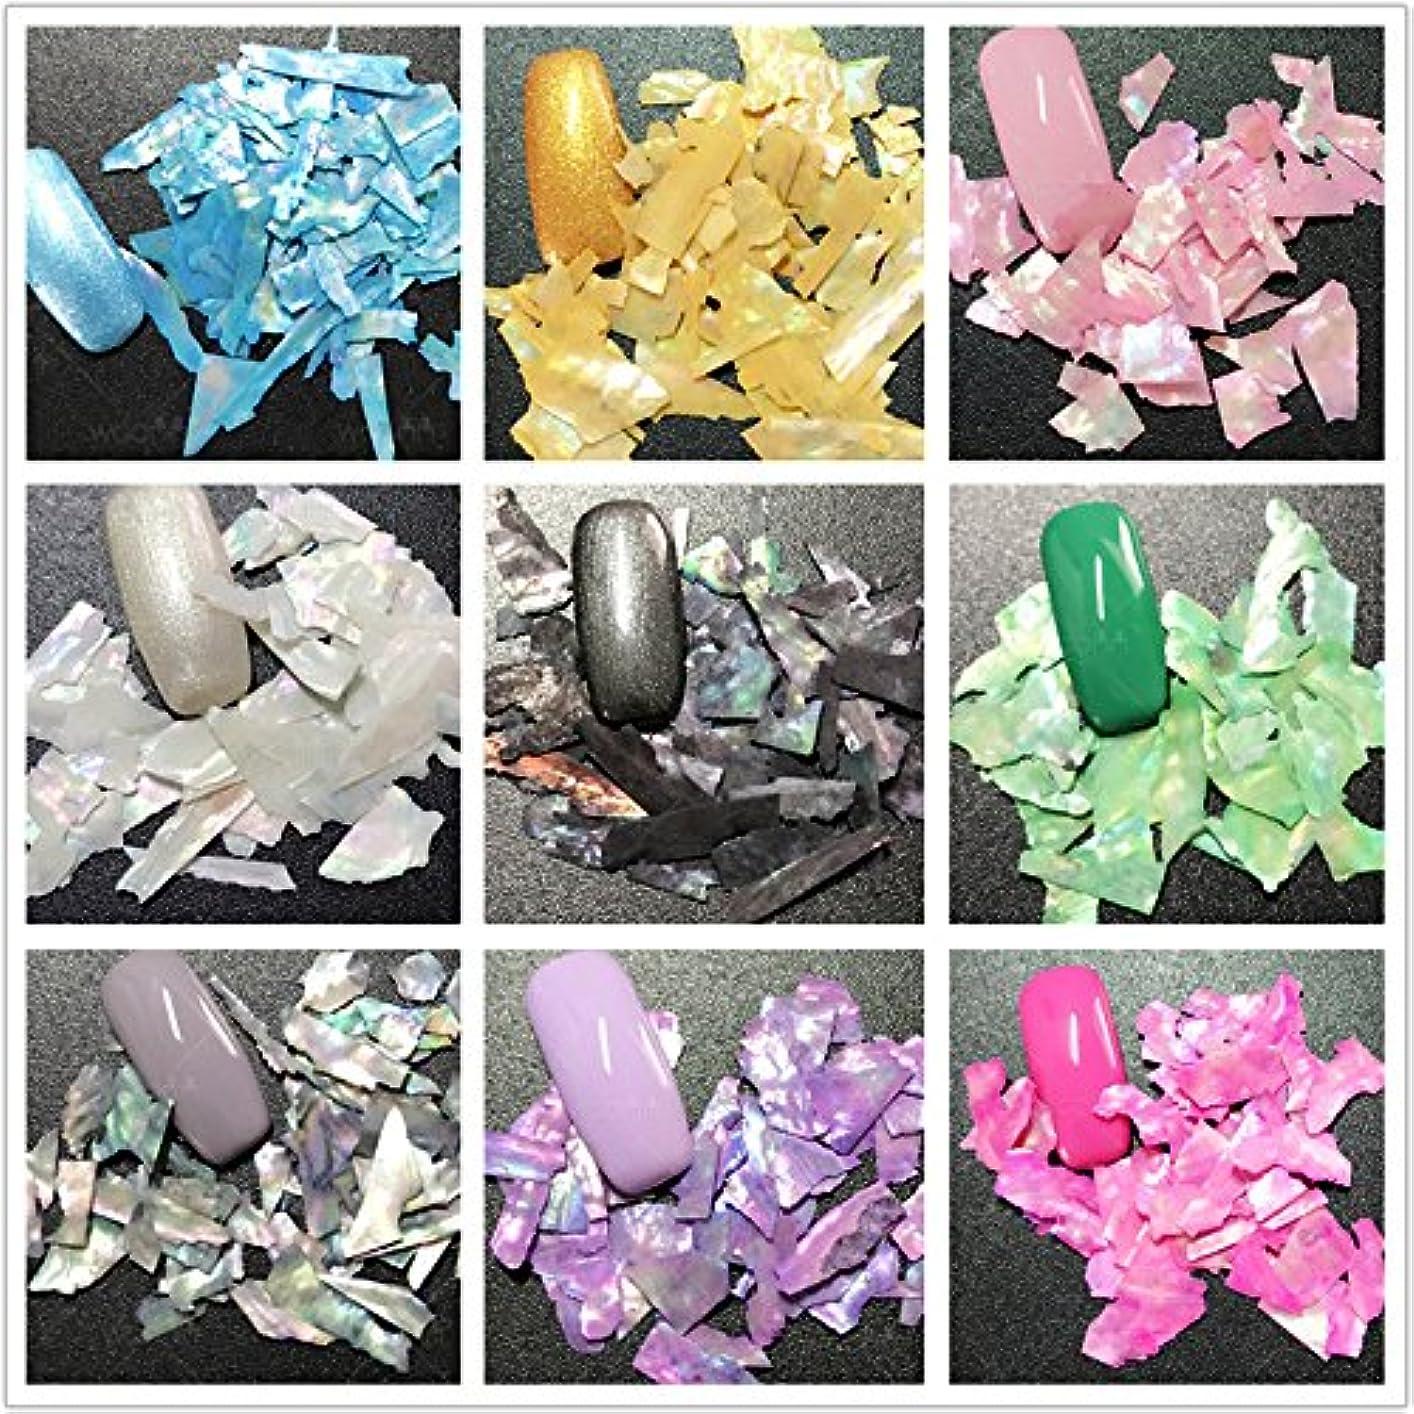 る適度に灌漑12色選択可能 カラフル 人魚 天然 貝殻 クラッシュ シェル ネイルアート デコレーション UVジェル ネイルパーツ ネイルサロン (12colors) [並行輸入品]